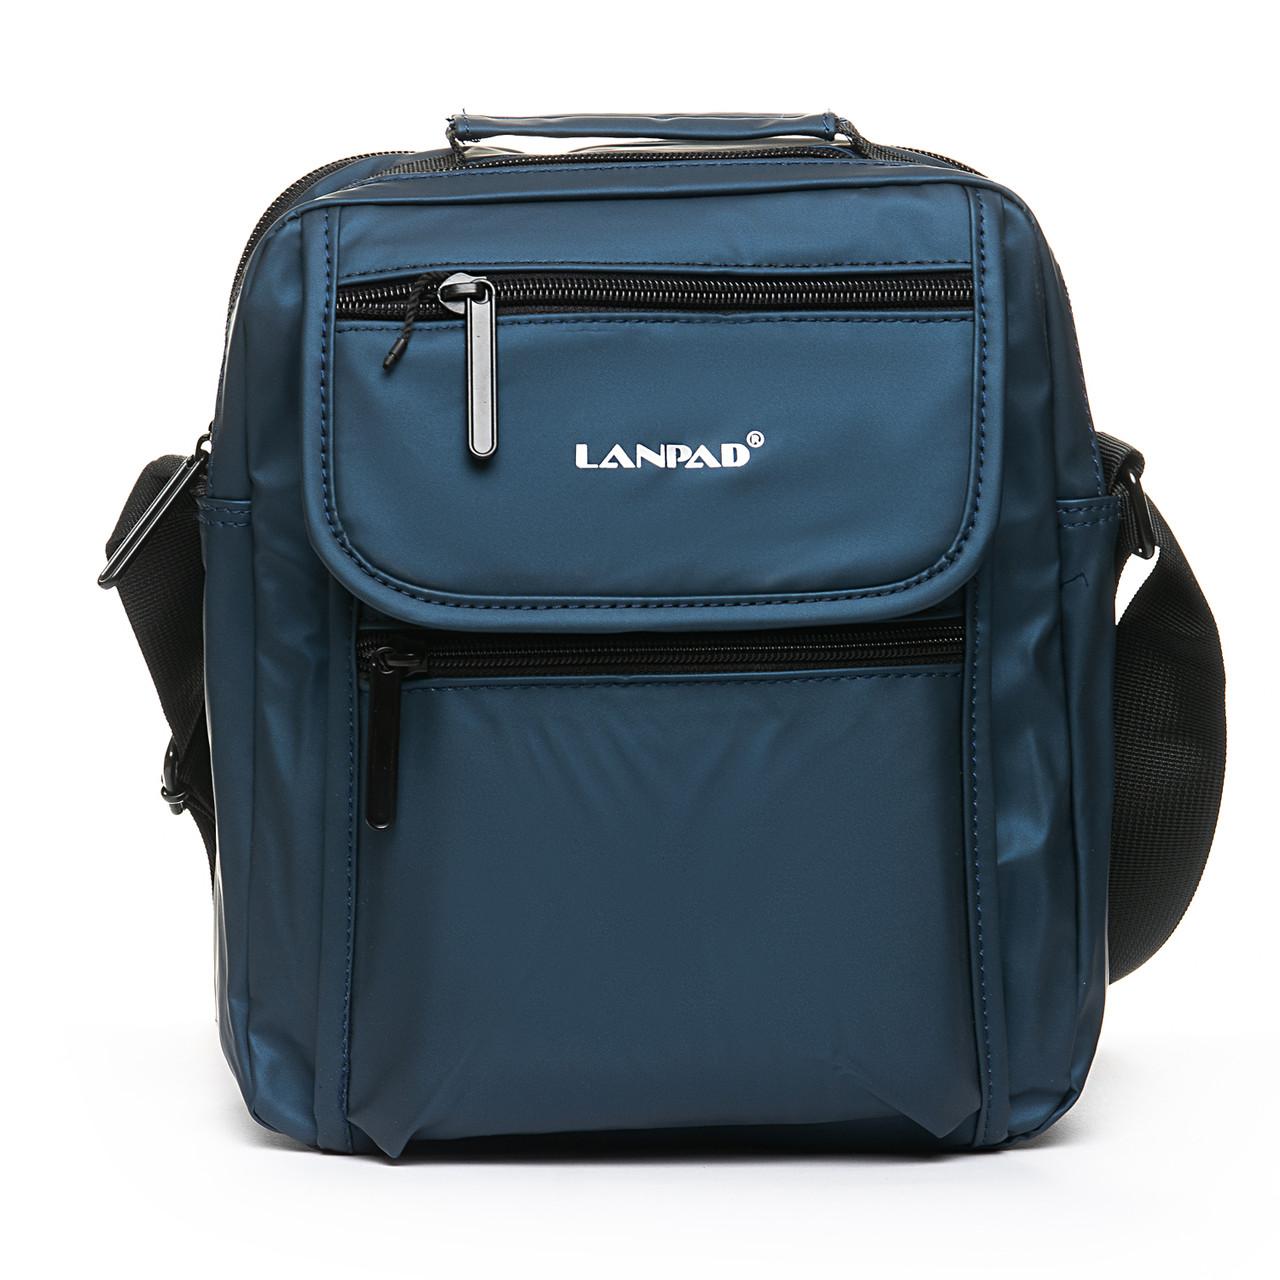 Мужская сумка через плече Lanpad 21 x 27 x 10 см Синий (0675/2)